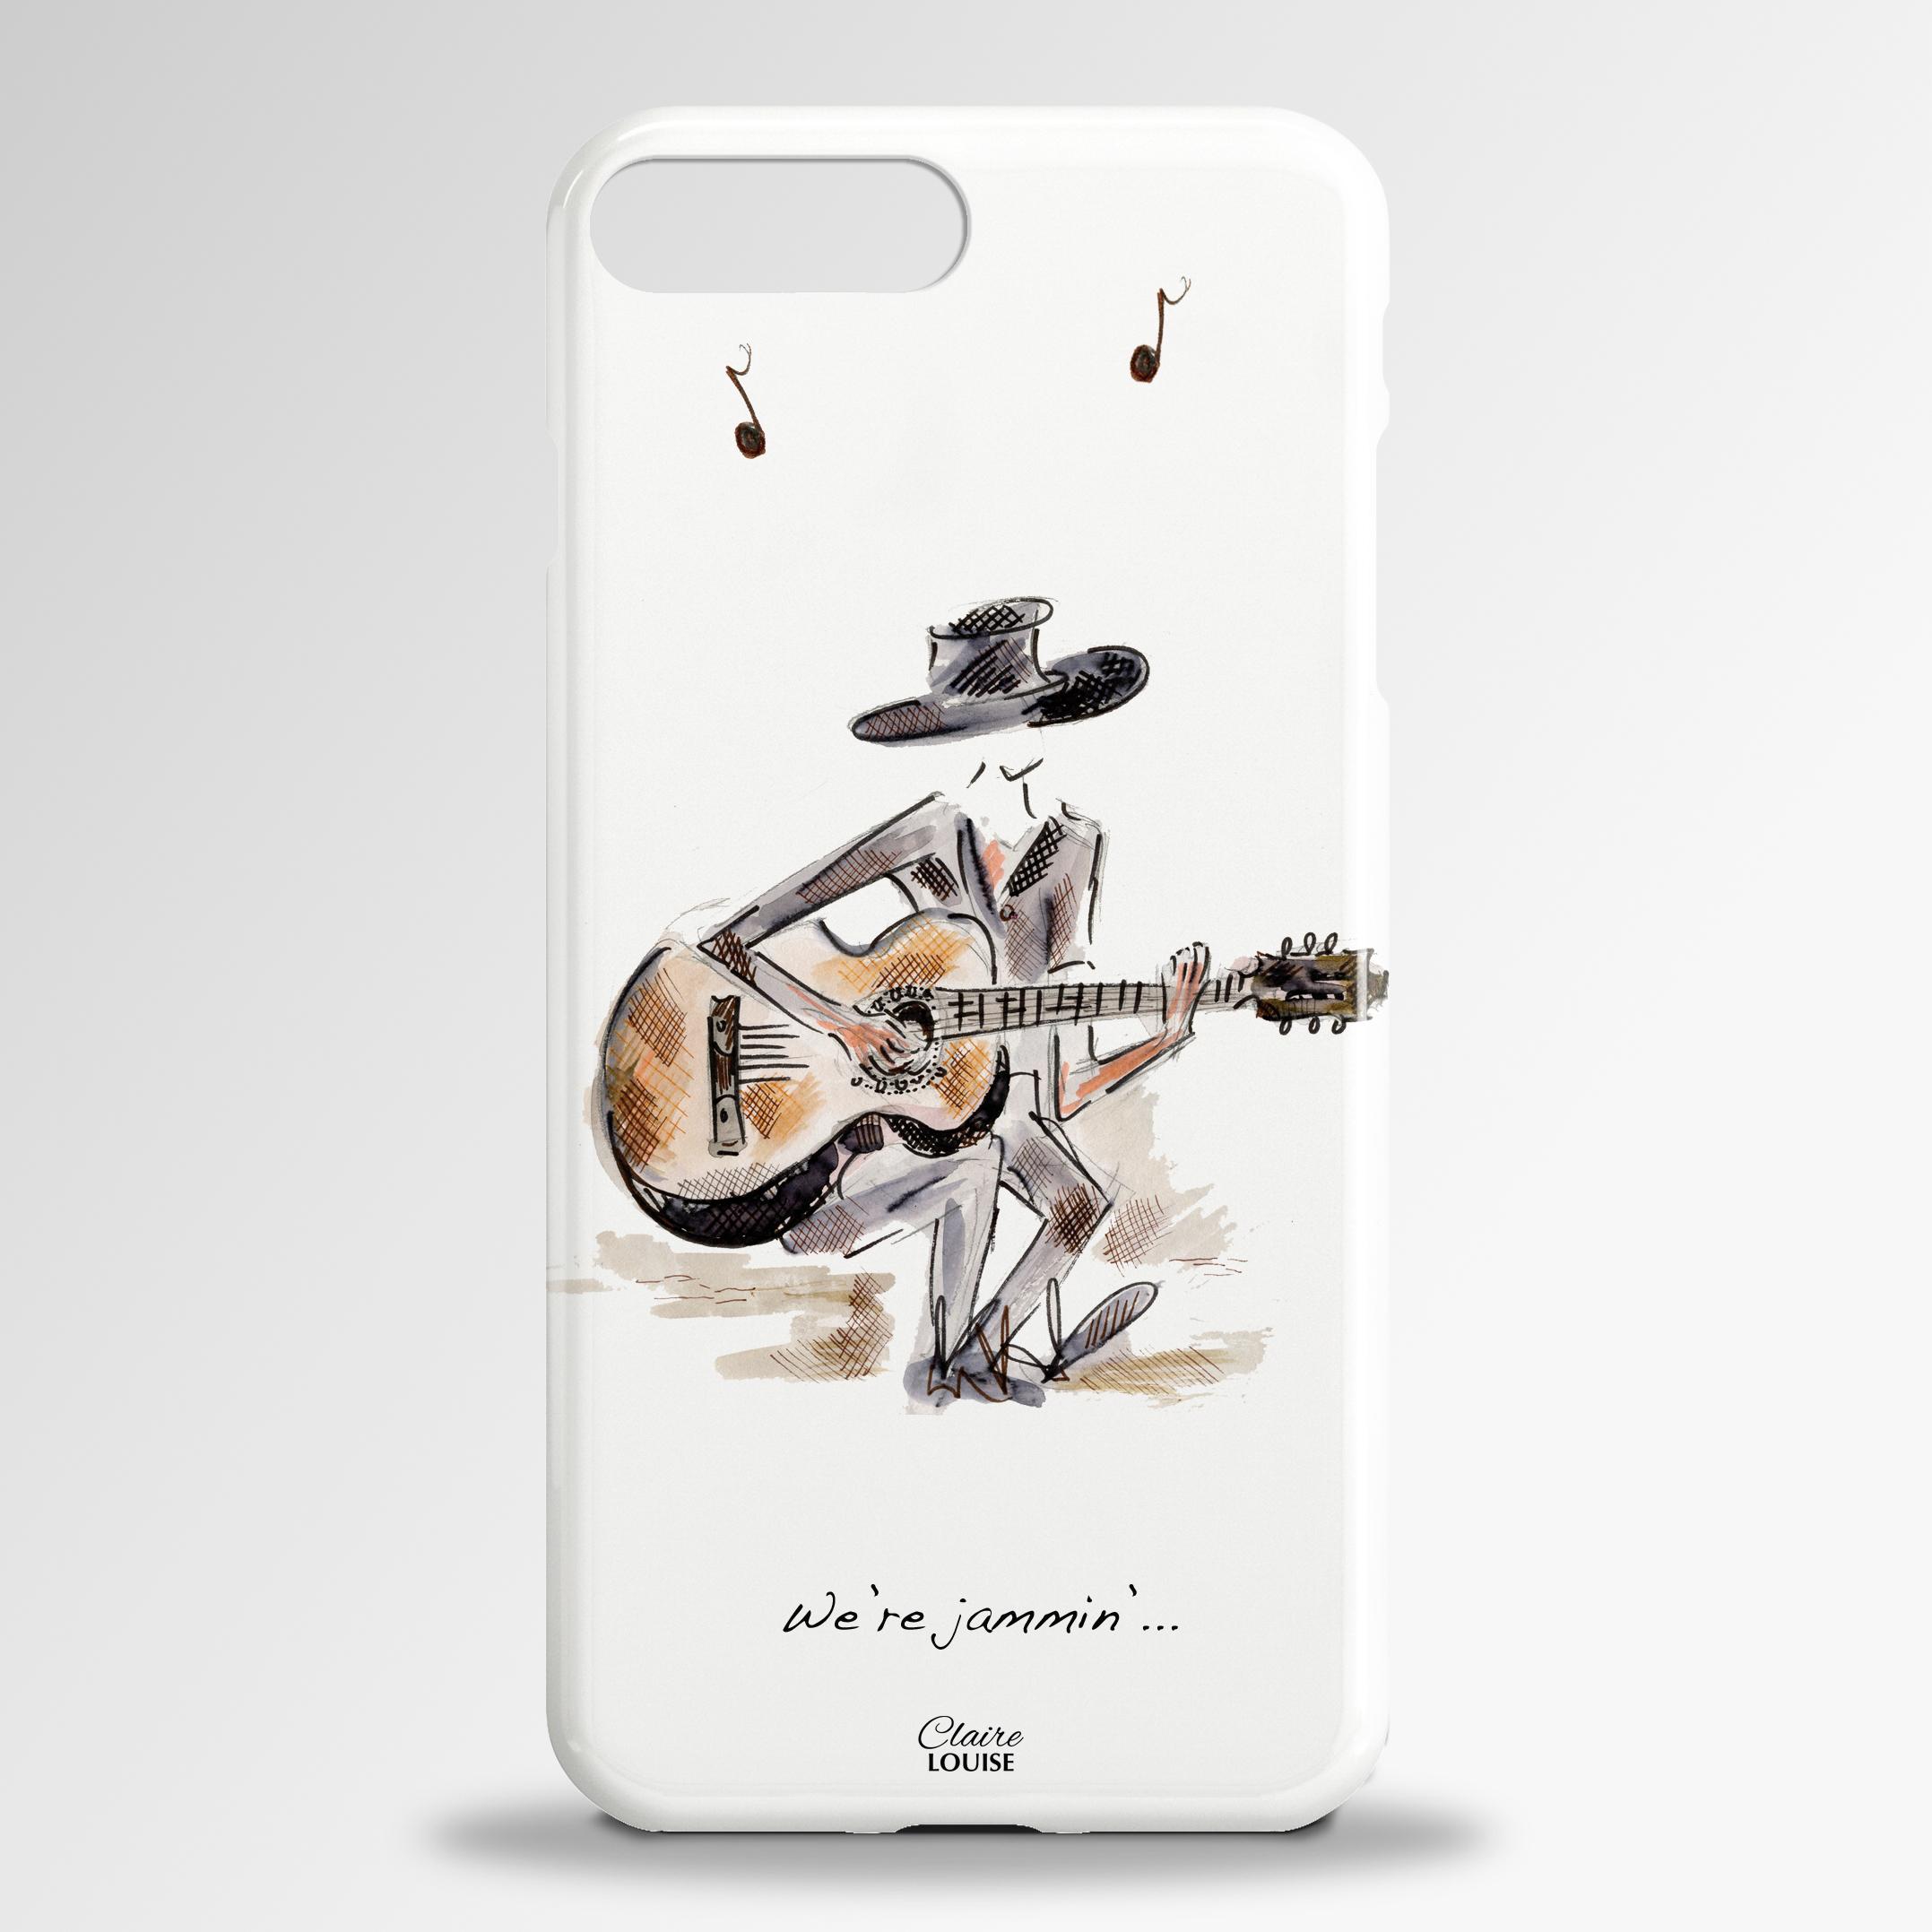 We're Jammin' Samsung 3D Phone Case